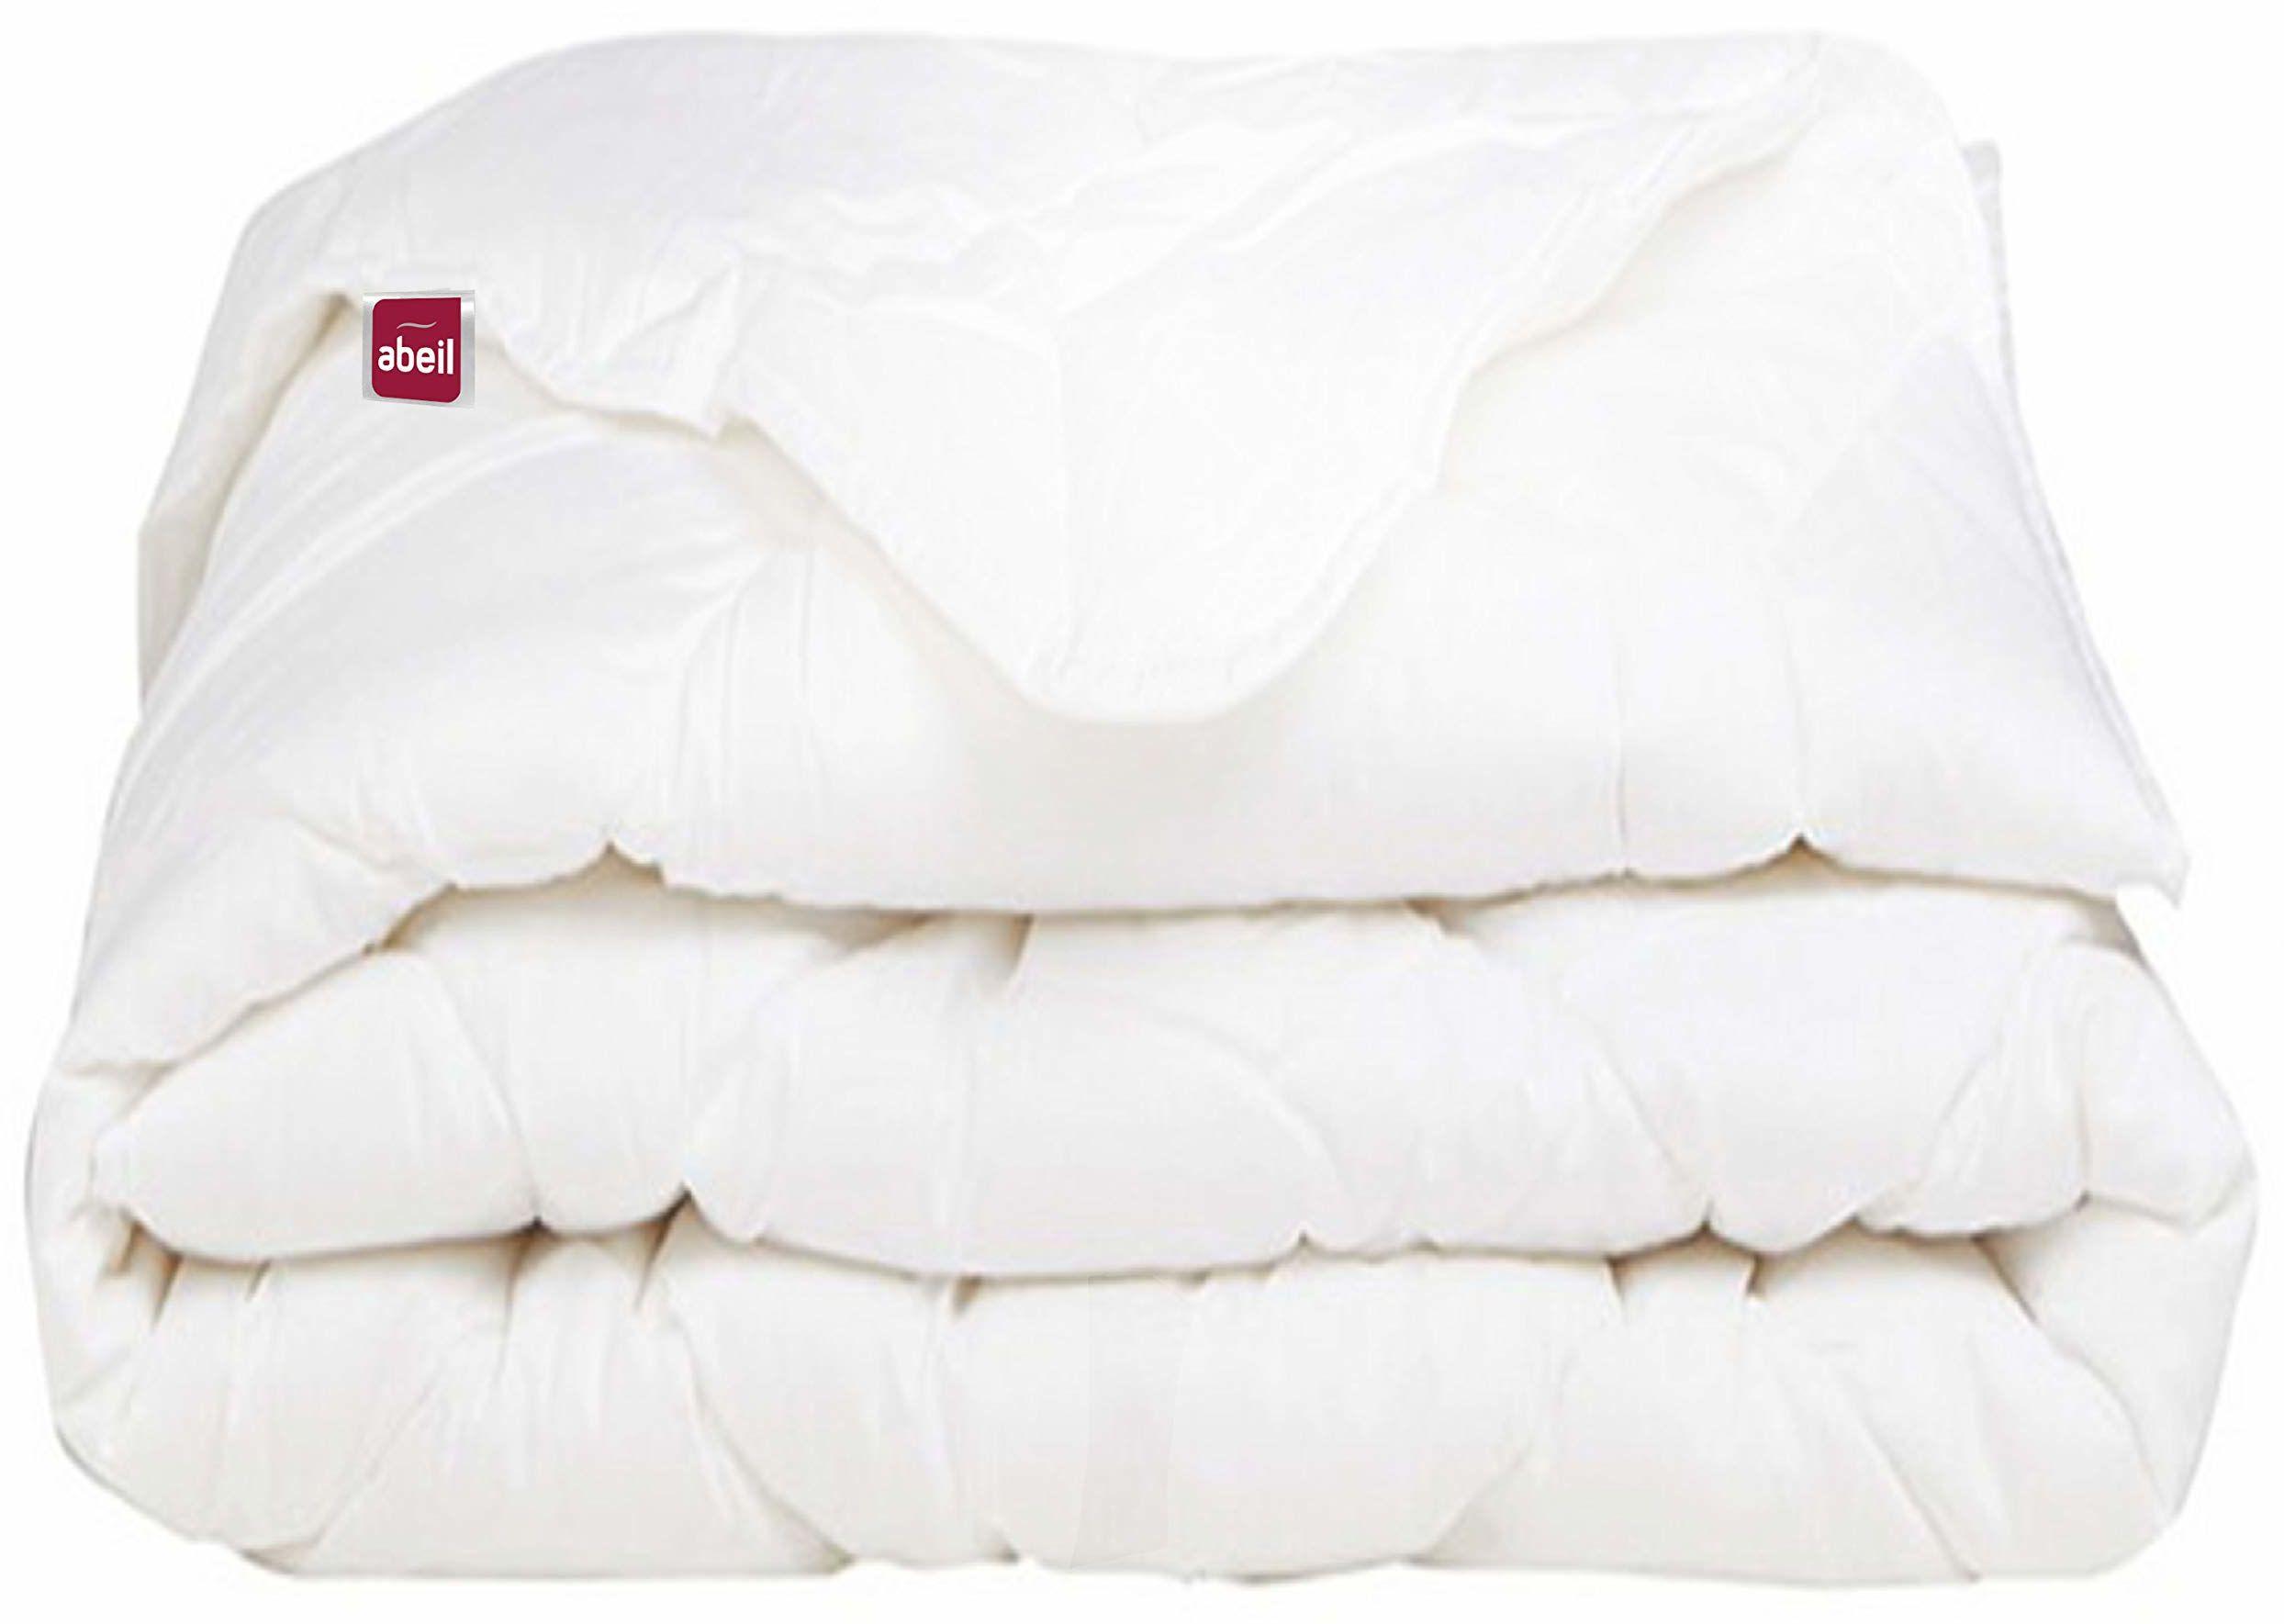 ABEIL kołdra Bio Attitude lekka, bawełna, 240 x 260 cm, biała, 240 x 260 cm